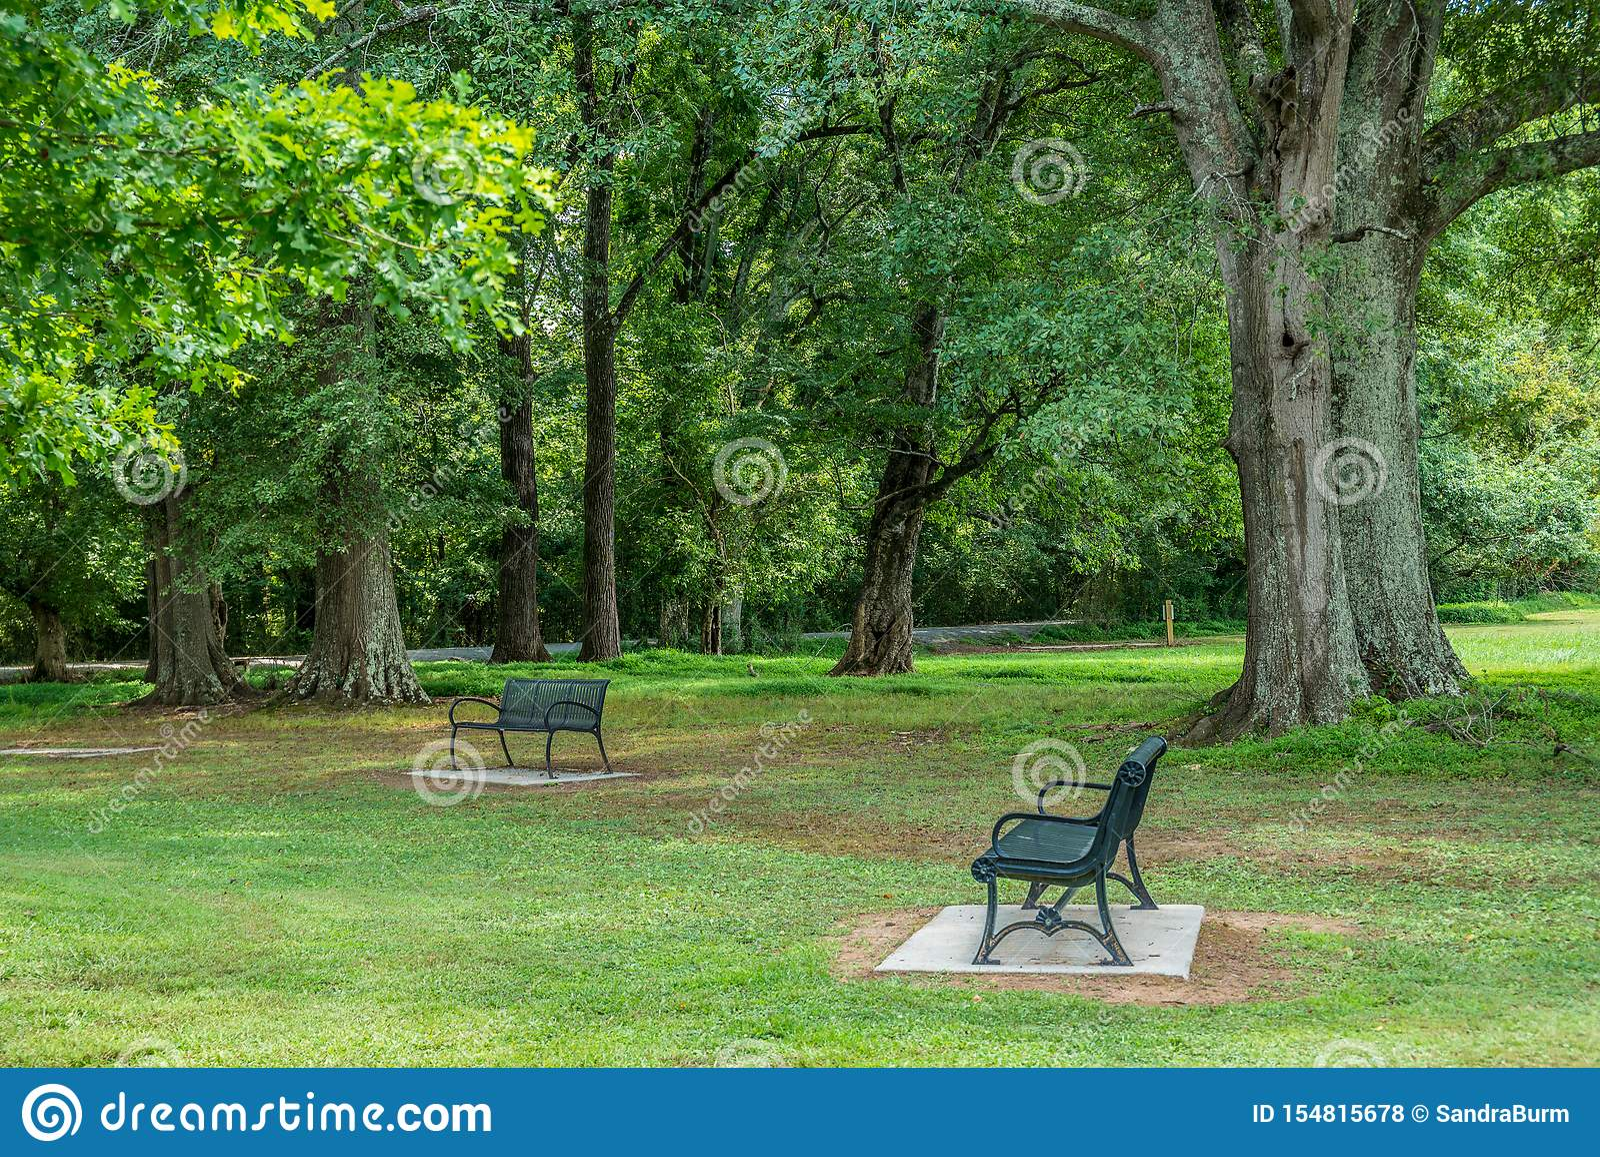 Bancos en un parque por los árboles de sombra